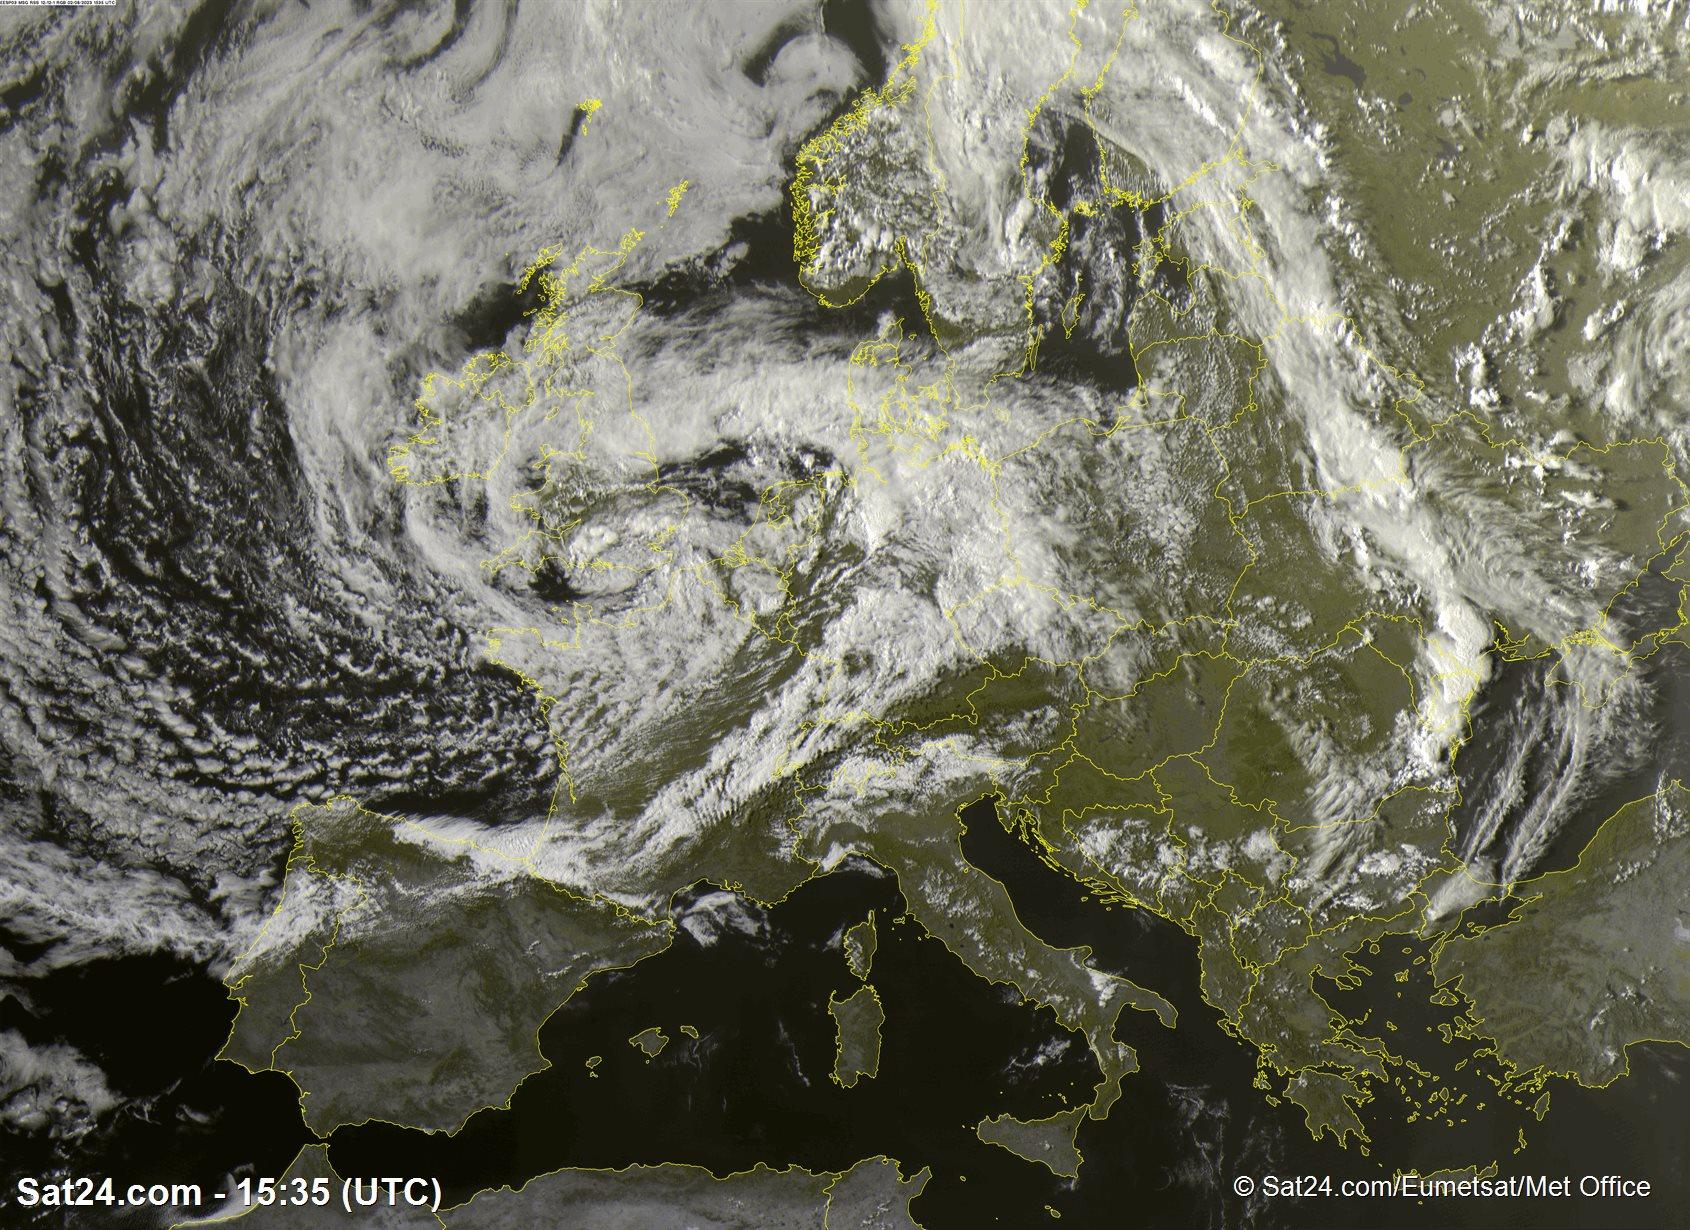 HD Satelliebeeld van geheel Europa